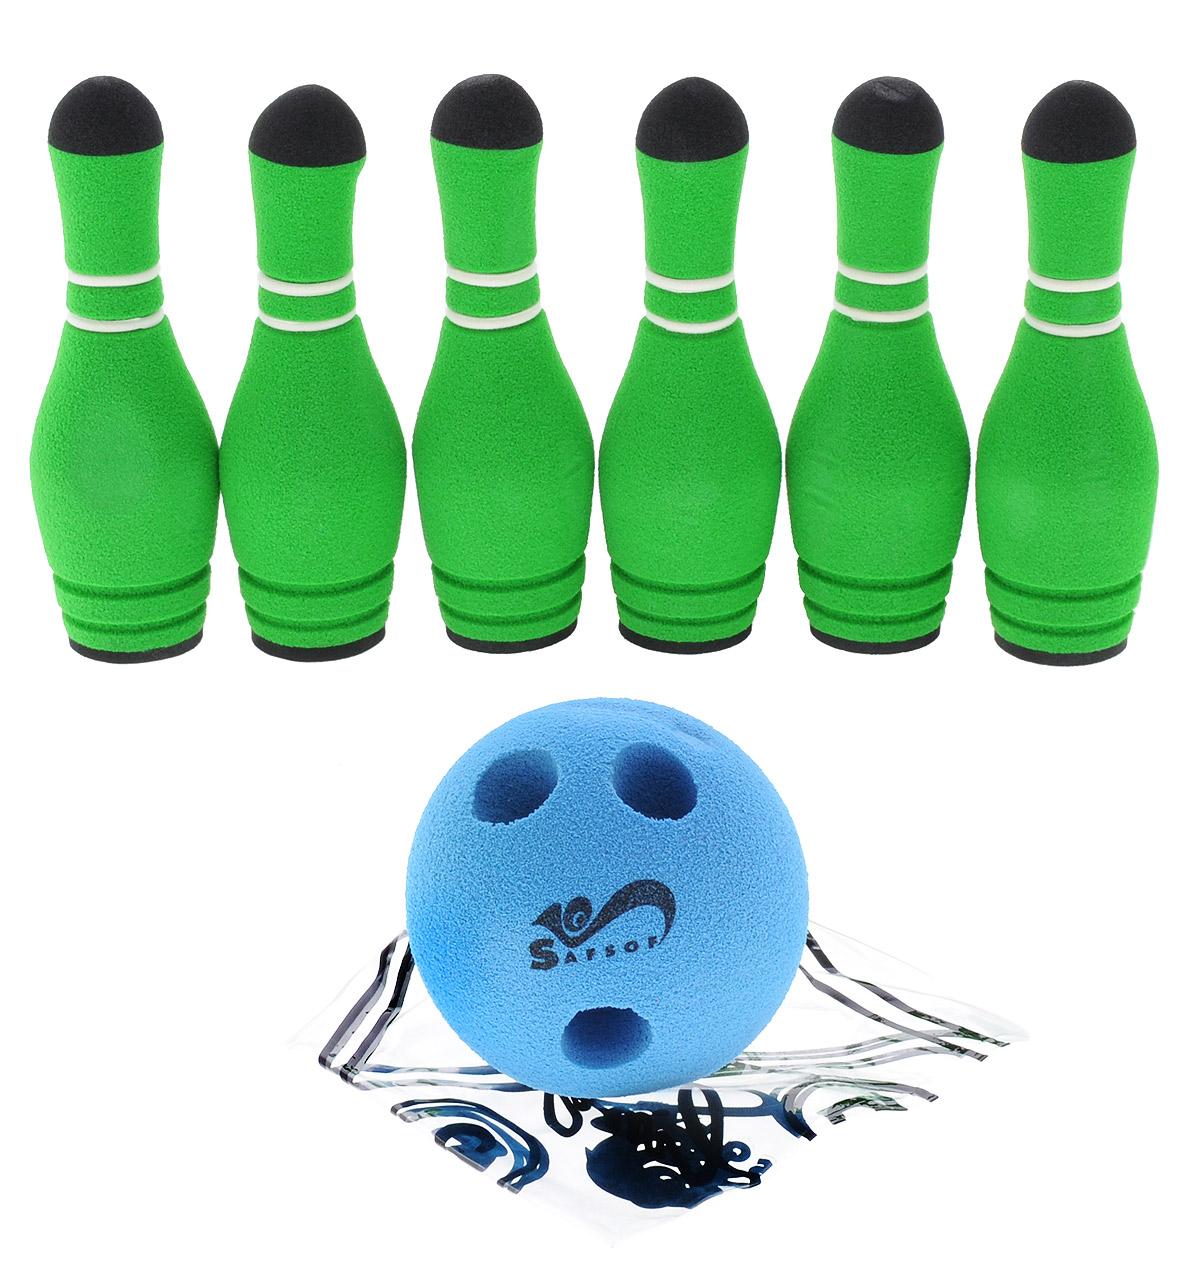 Safsof Игровой набор Мини-боулинг цвет голубой зеленый